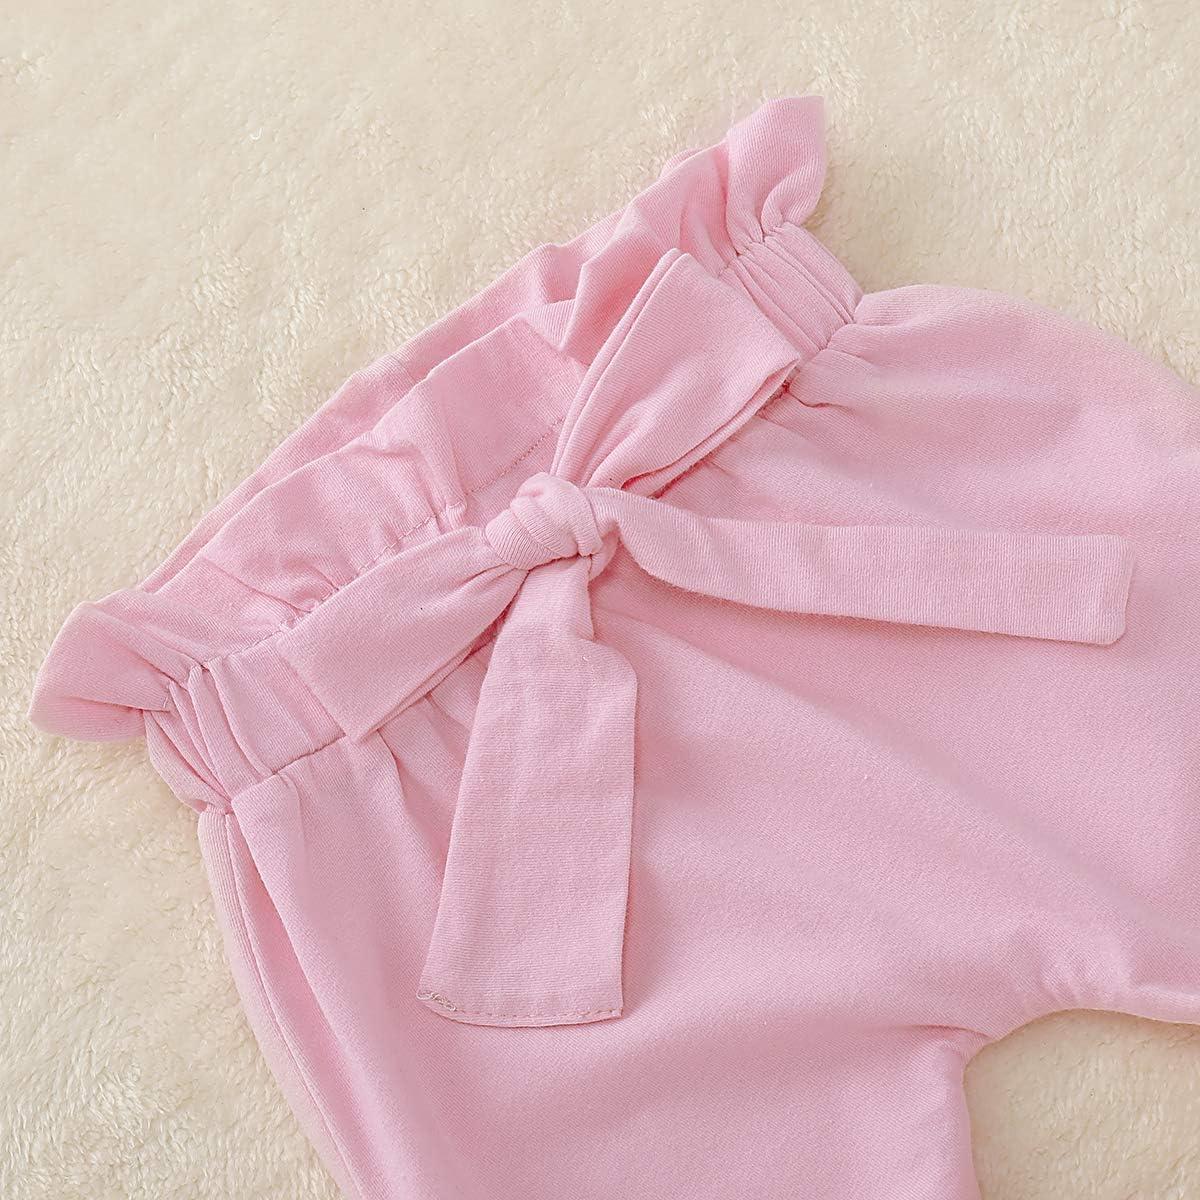 Set Filles de b/éb/é Nouveau-n/é /à Volants v/êtements Chemise Pantalon Bandeau pour Tout-Petit Haokaini 3pcs